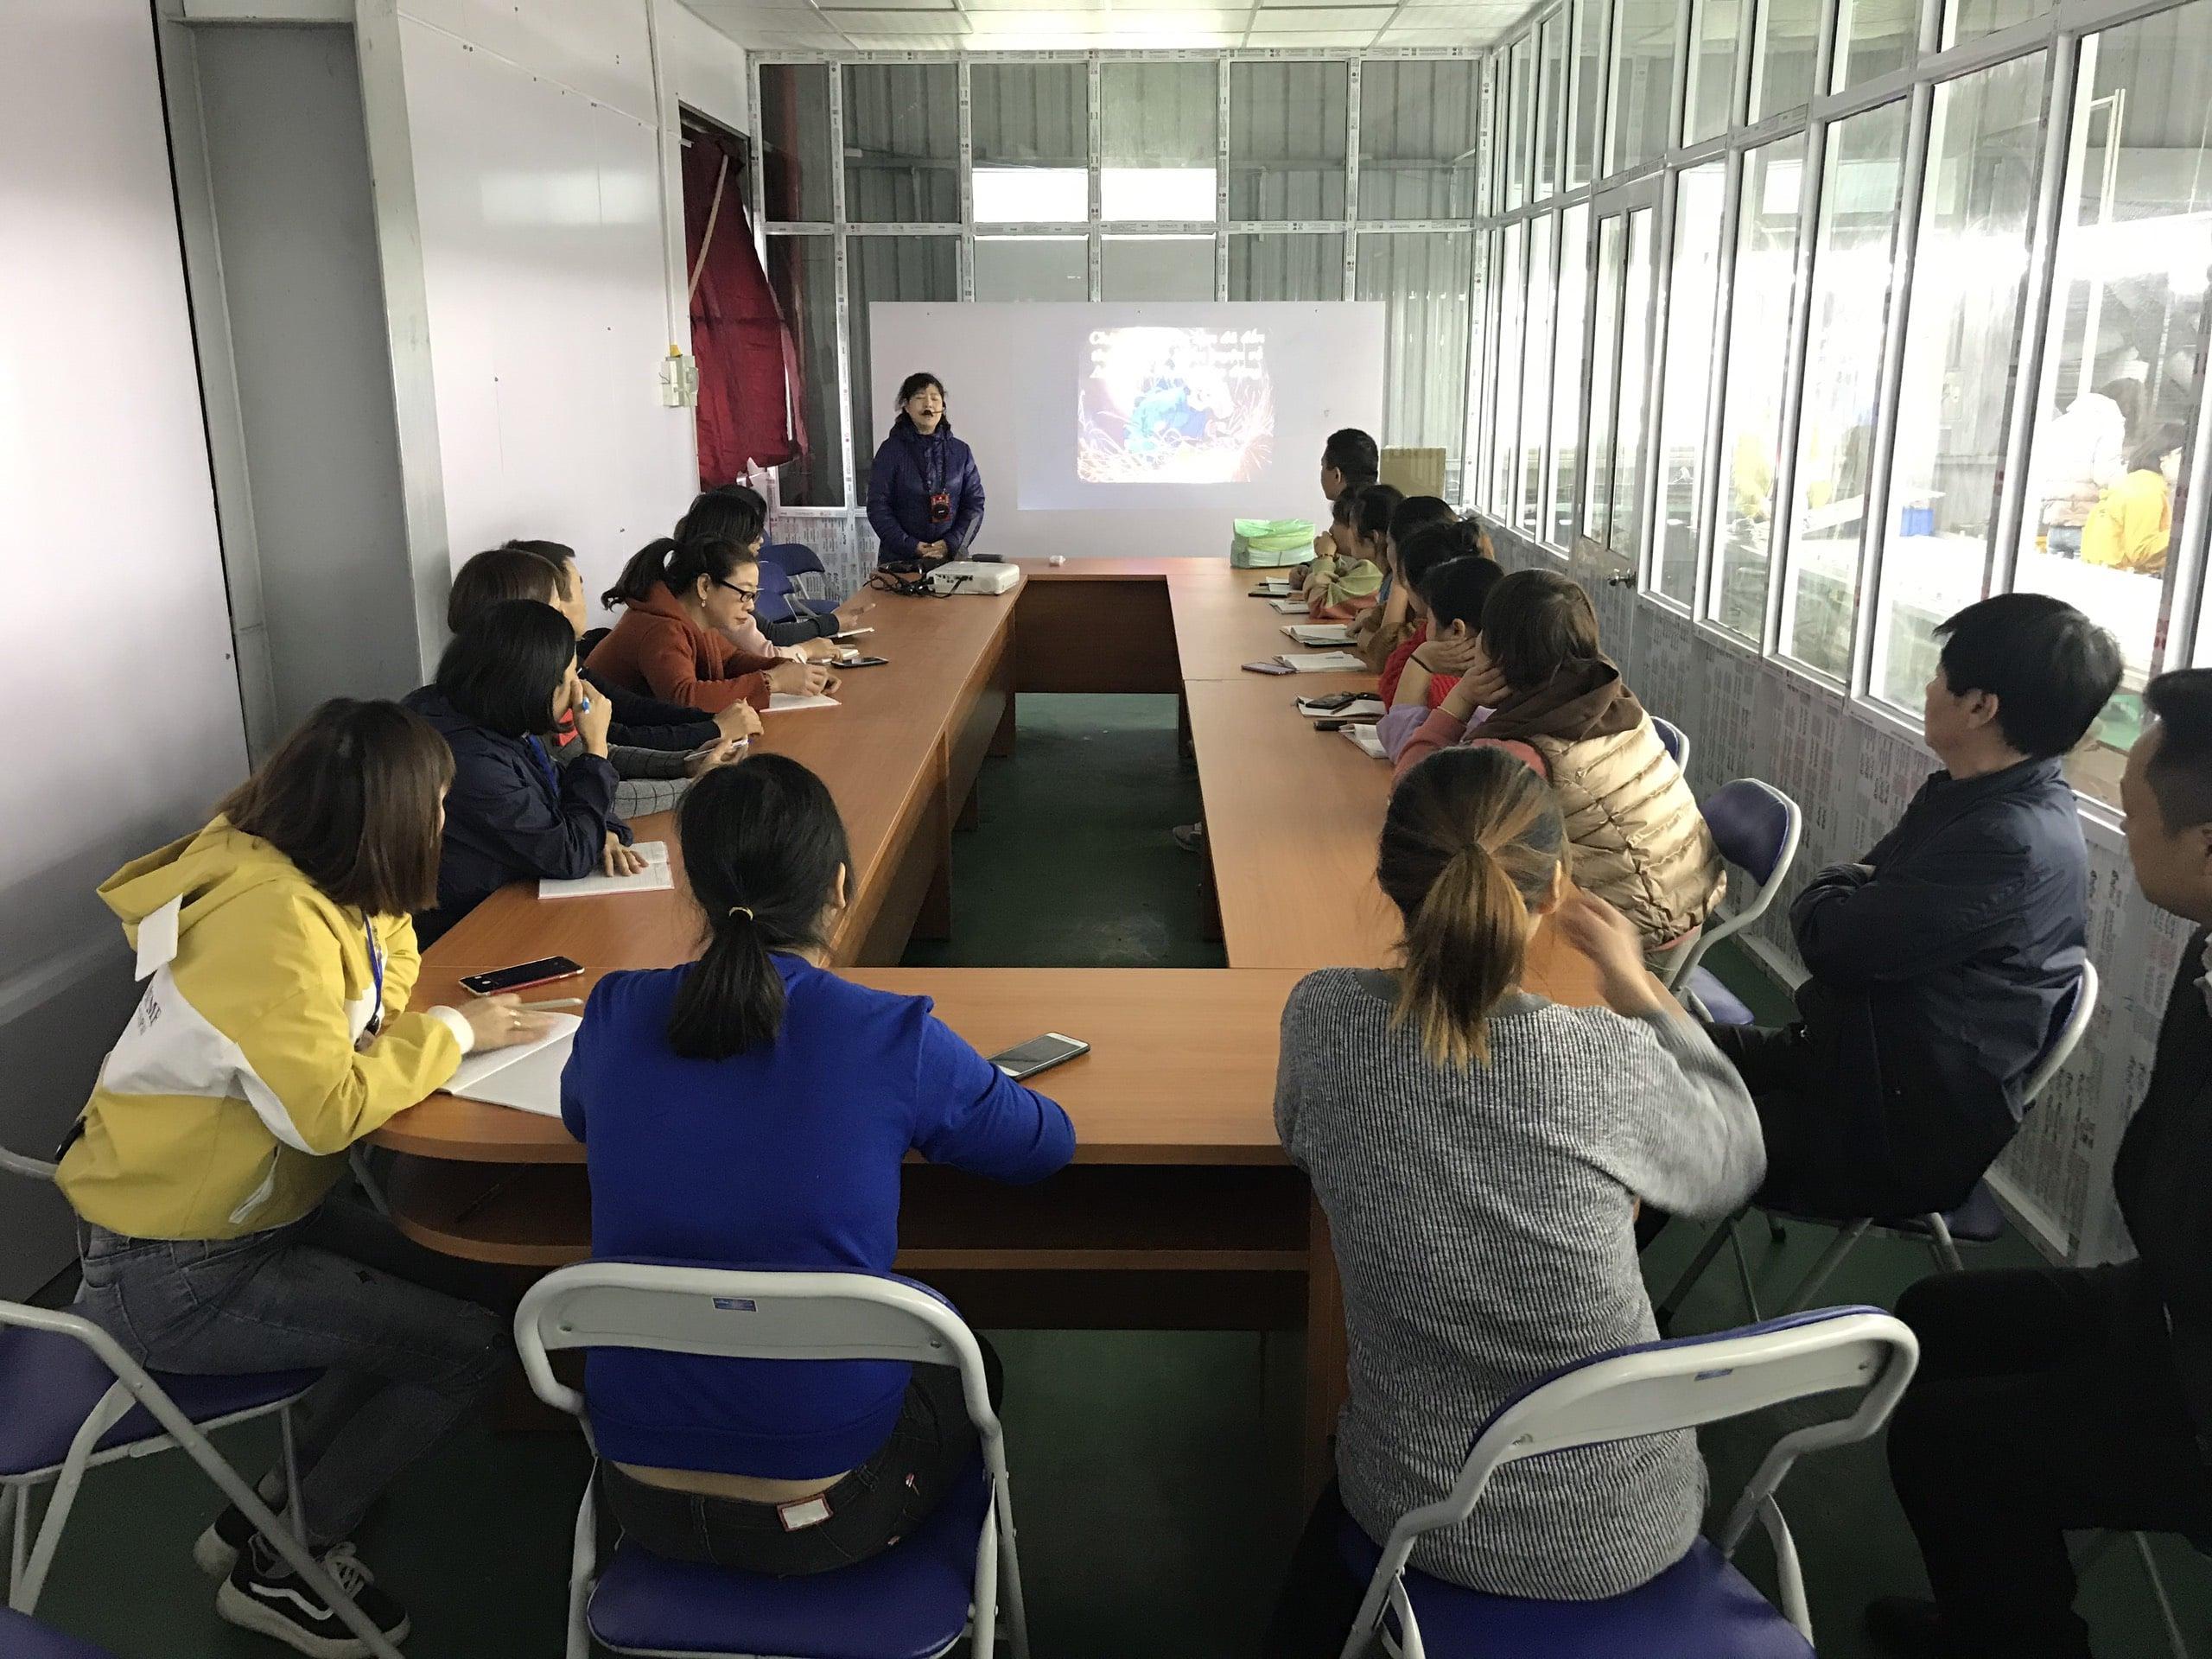 Huấn luyện an toàn, vệ sinh lao động tại công ty TNHH da giầy xuất khẩu Thuận Phát